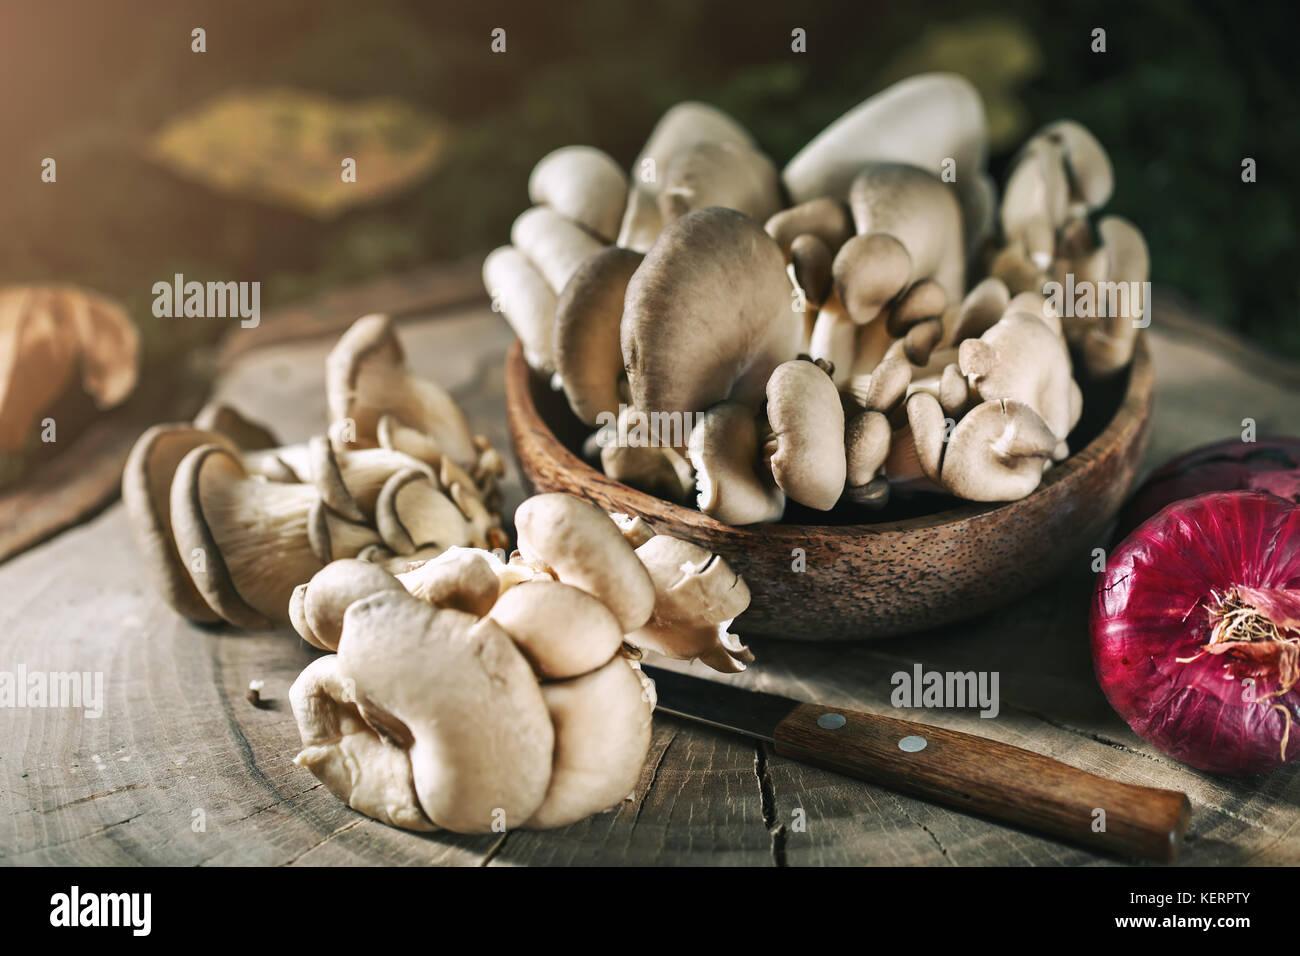 Rohe Pilze auf dem Stumpf und Blätter im Herbst. Herbst still-Leben. Selektive konzentrieren. Herbst Hintergrund. Stockbild